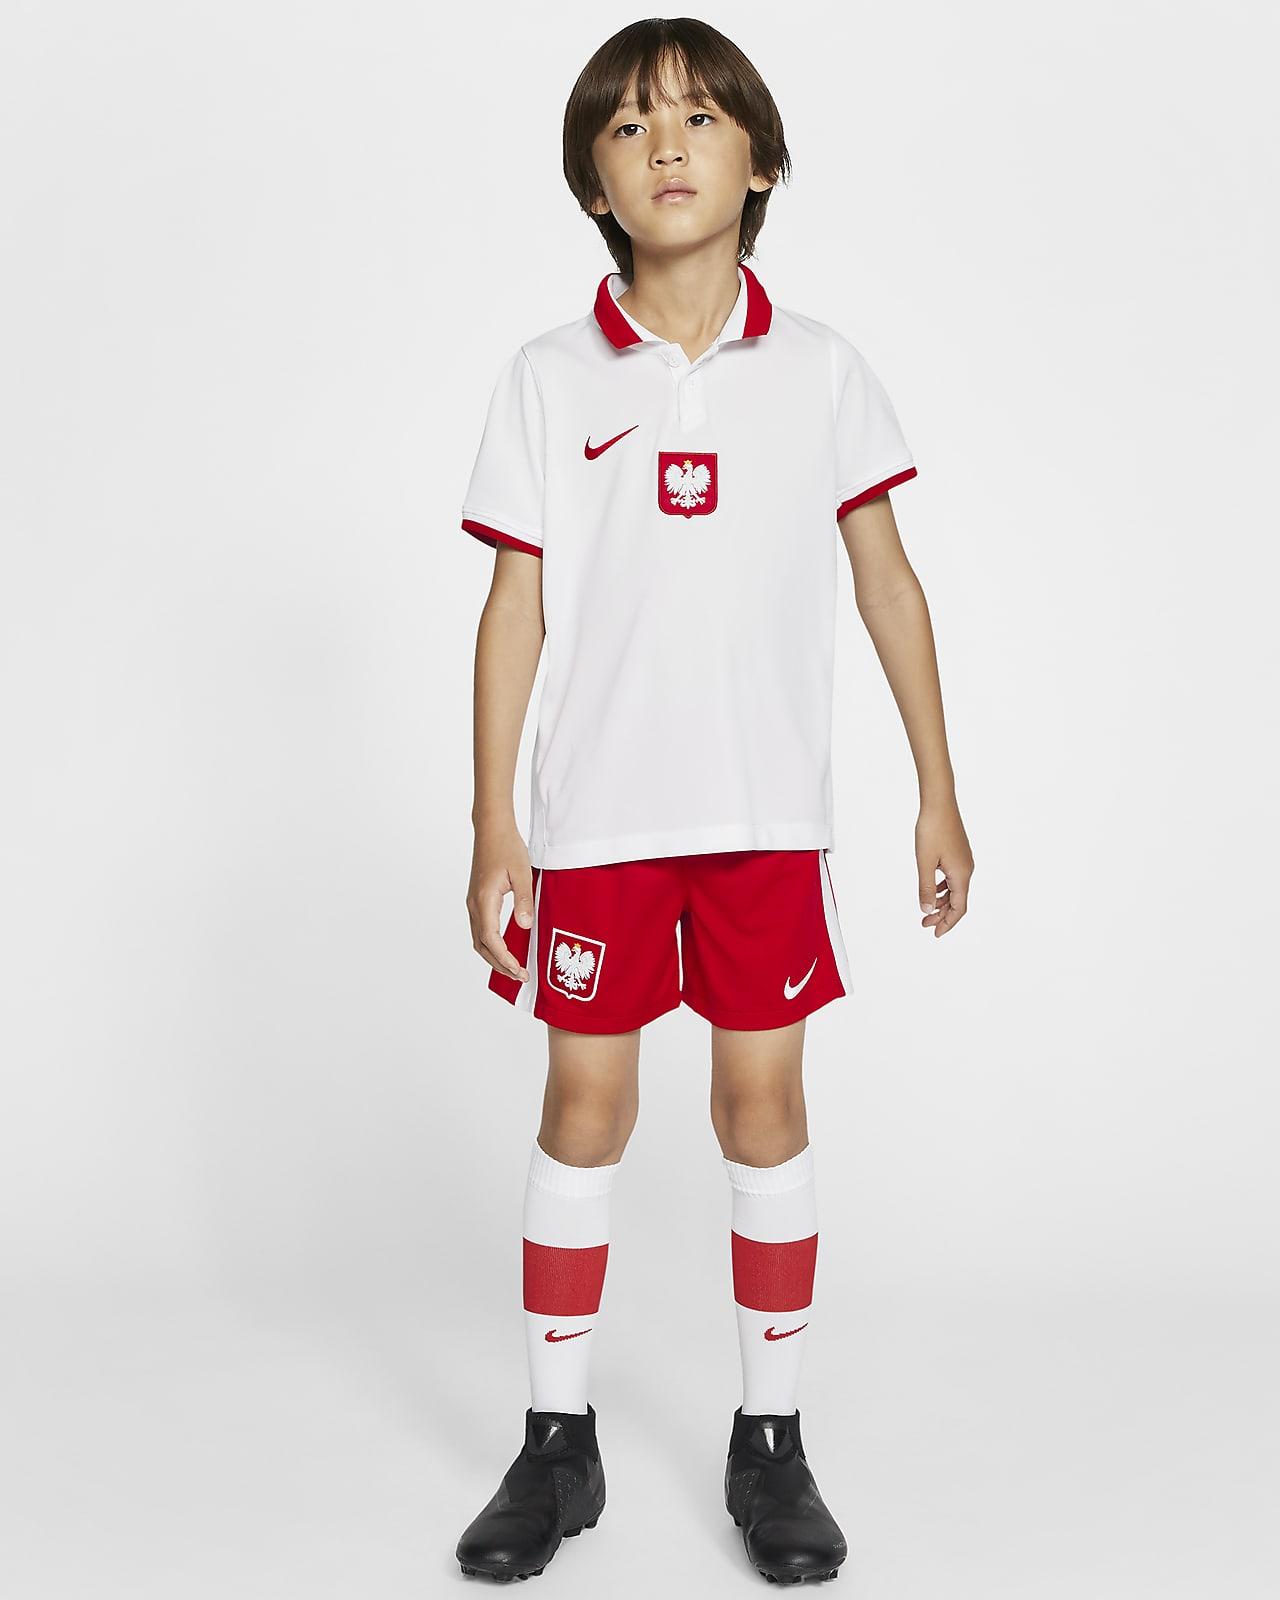 Футбольный комплект для дошкольников с символикой домашней формы сборной Польши 2020